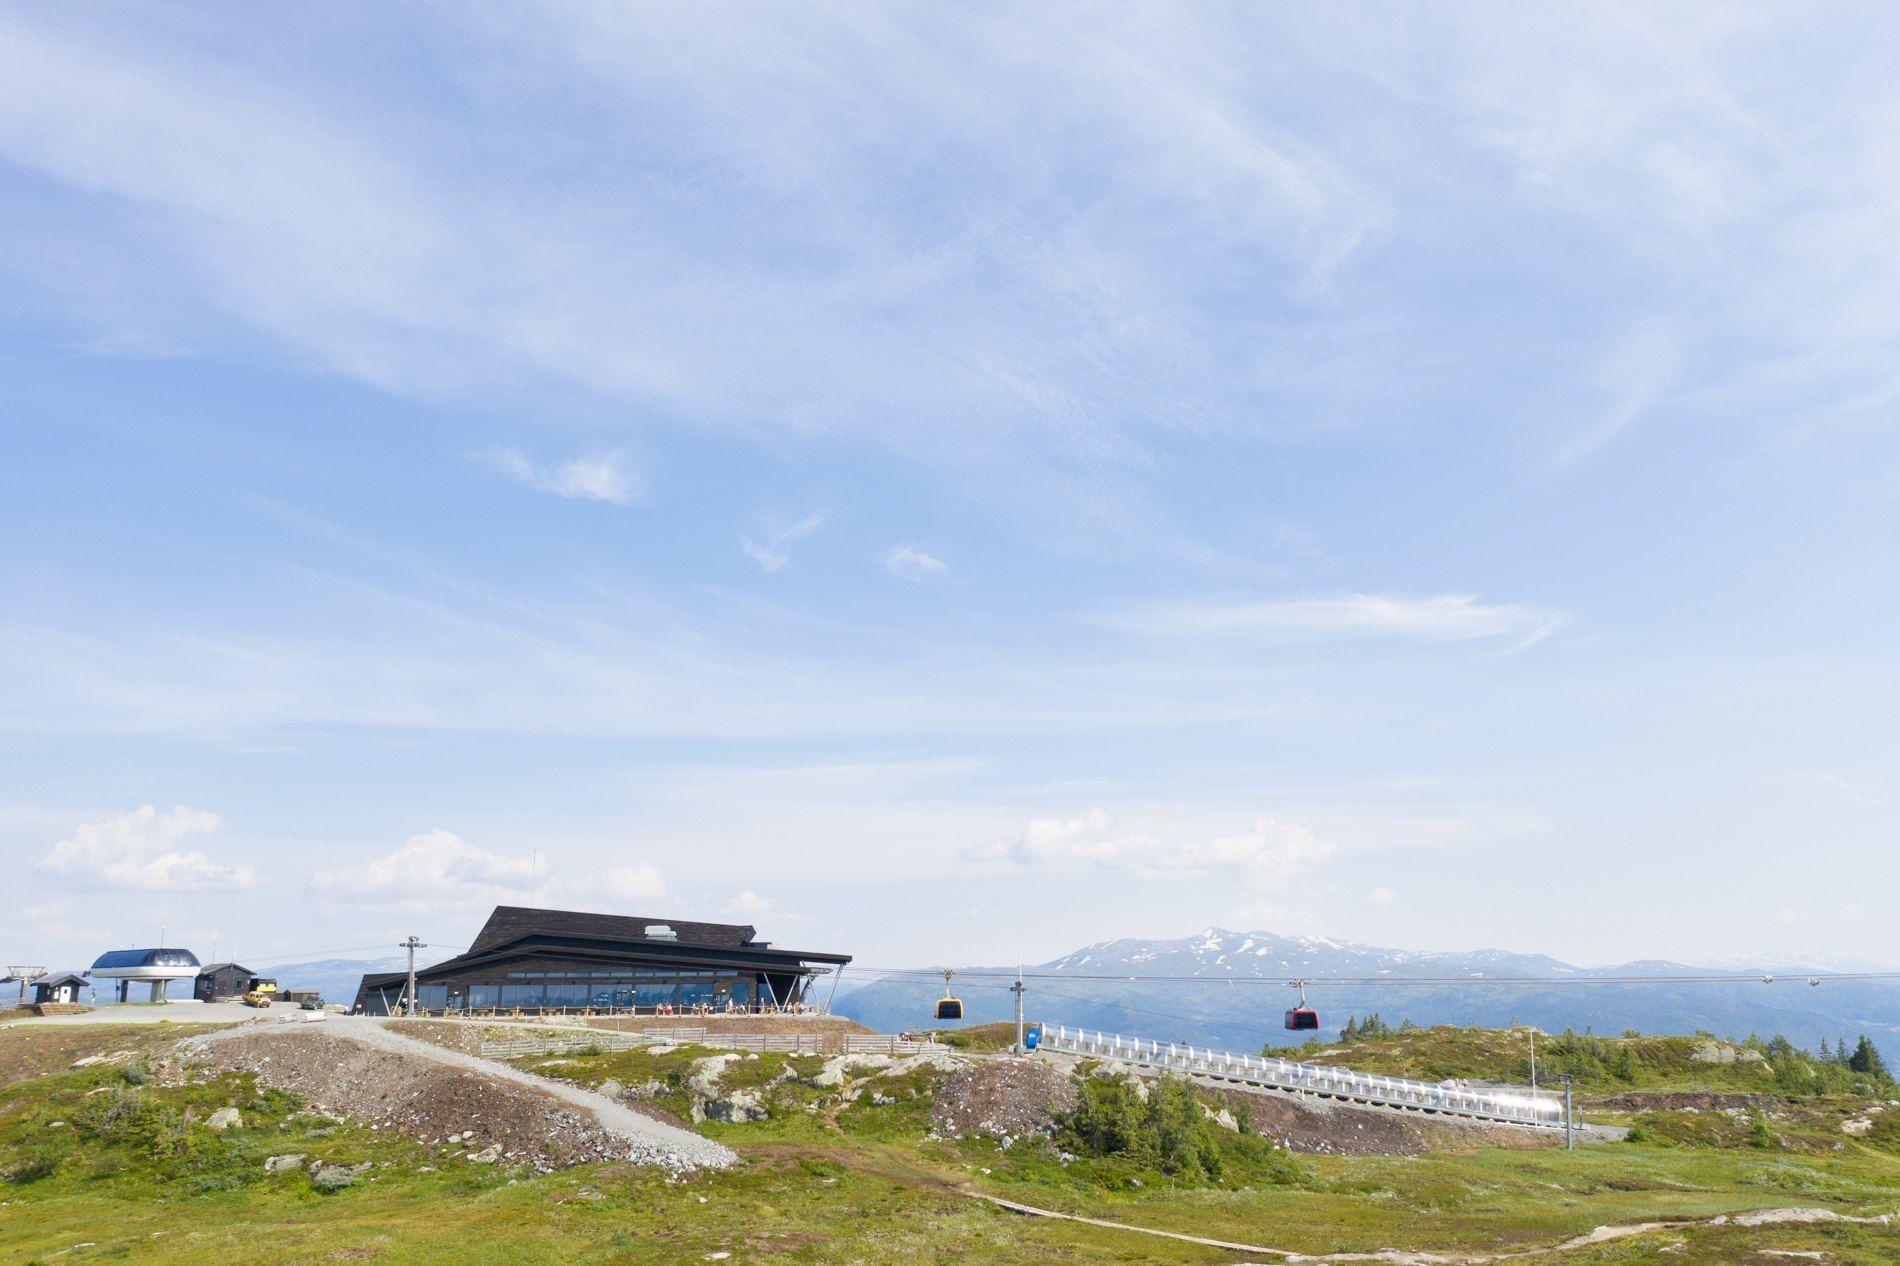 Hangurstoppen og Hangurstoppen Restaurant, 820 m.o.h. Foto: Jon Hunnålvatn Tøn